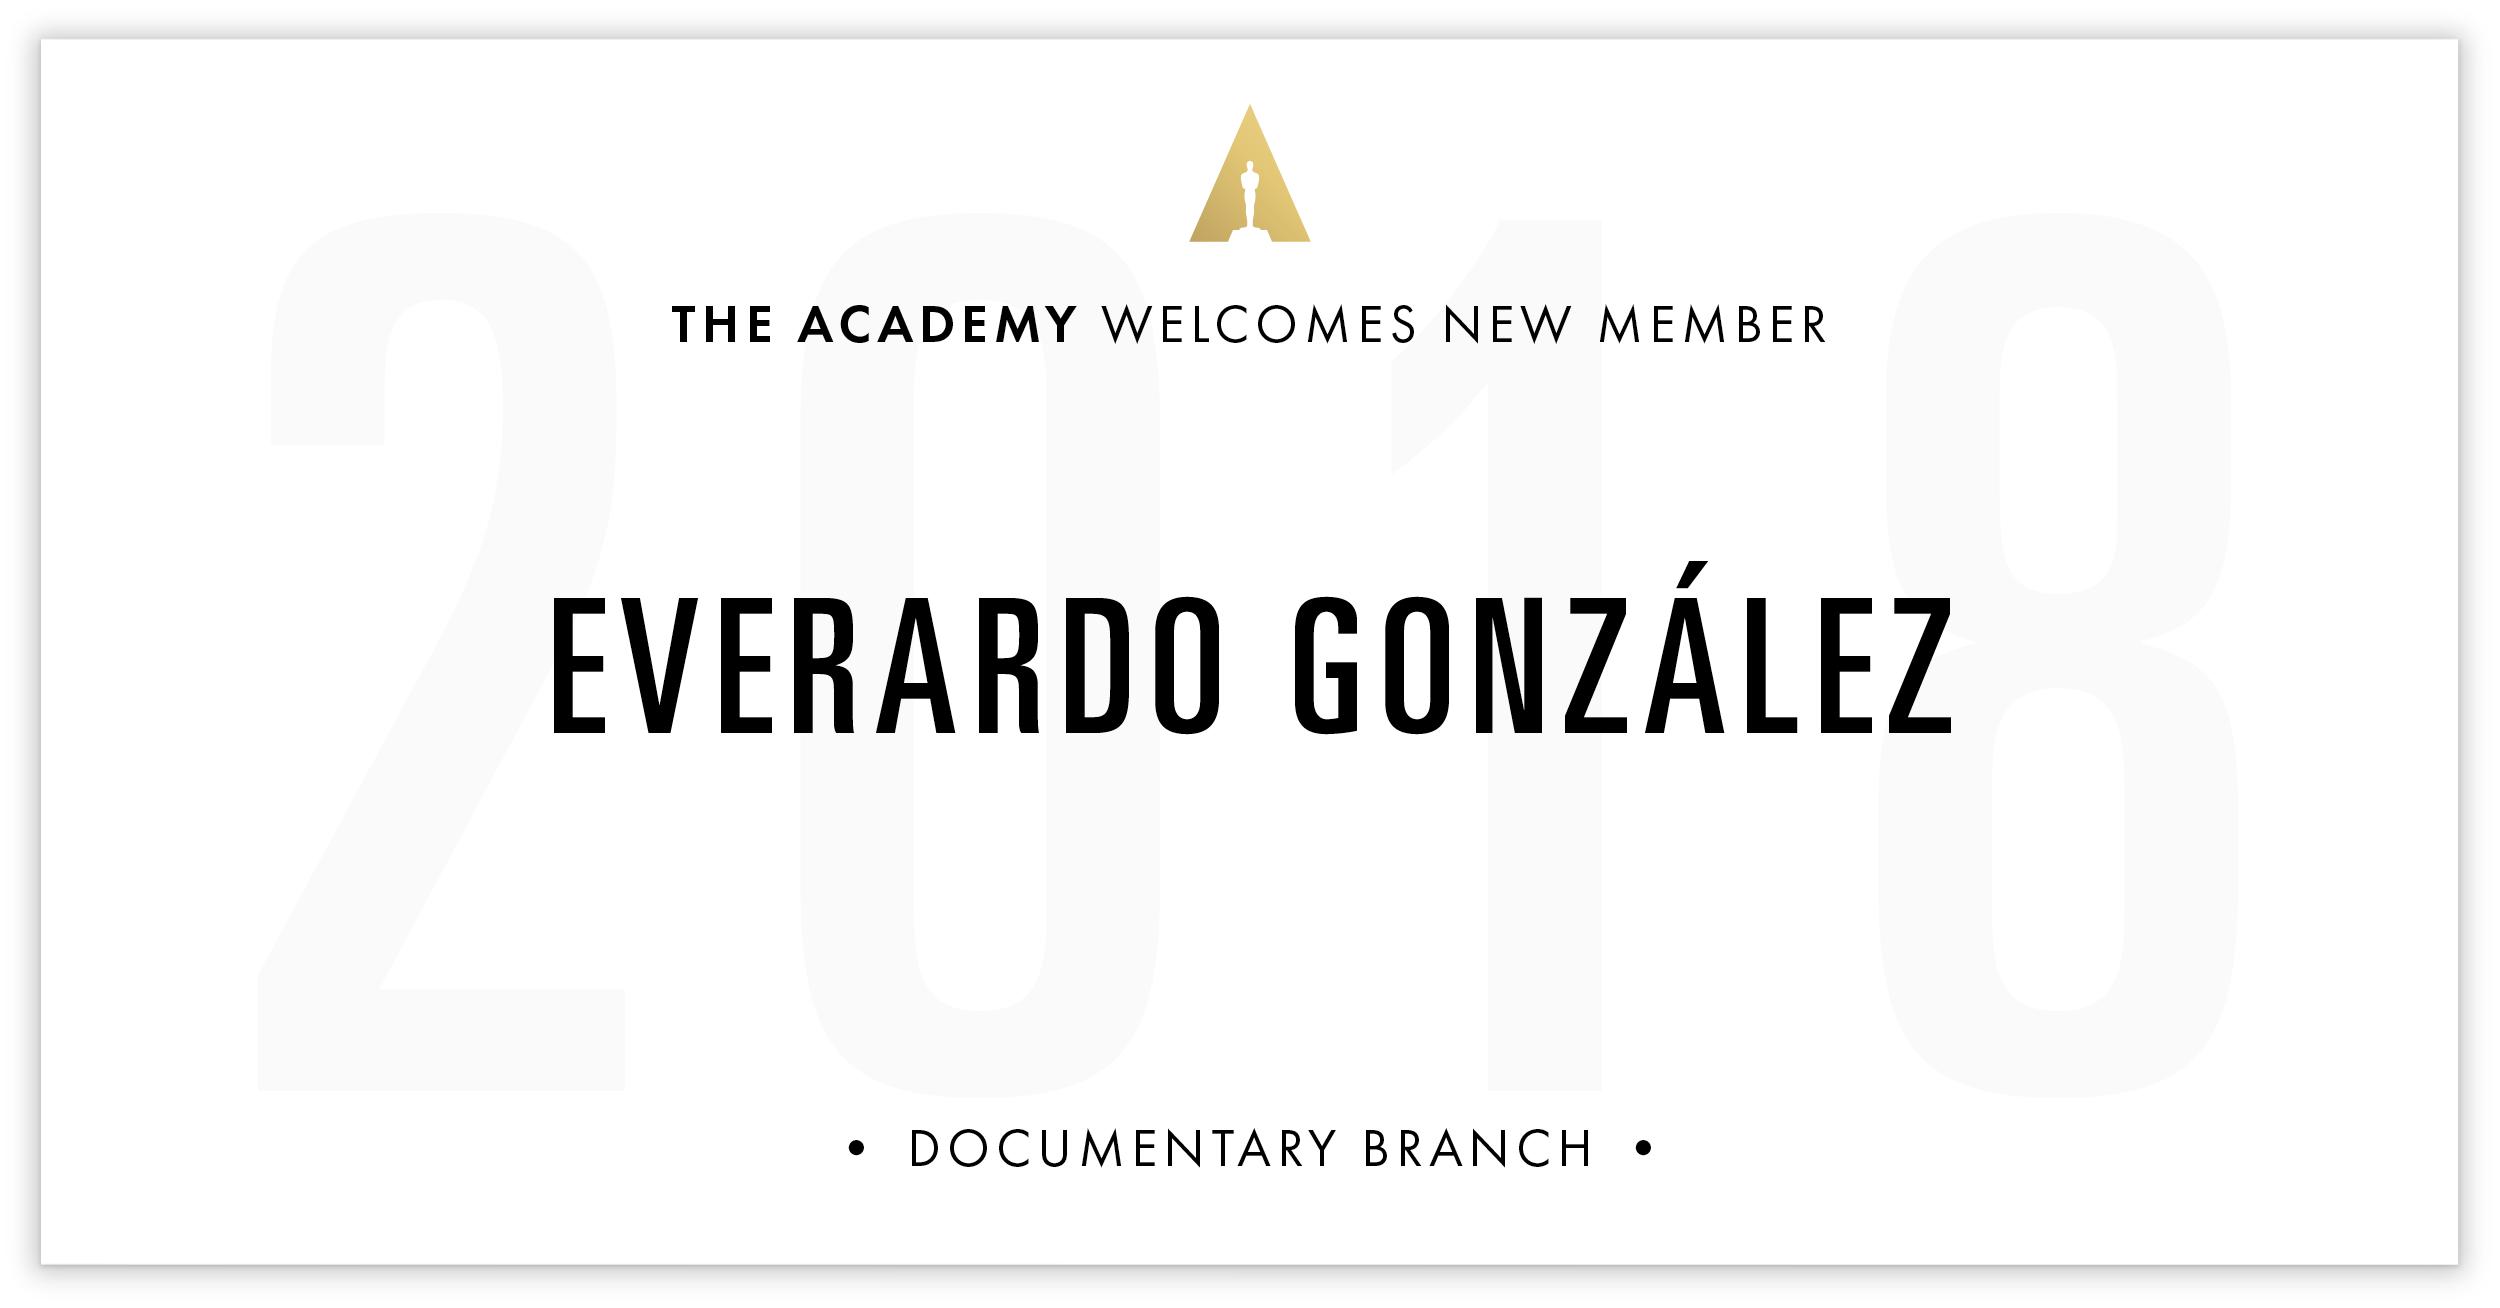 Everardo González is invited!